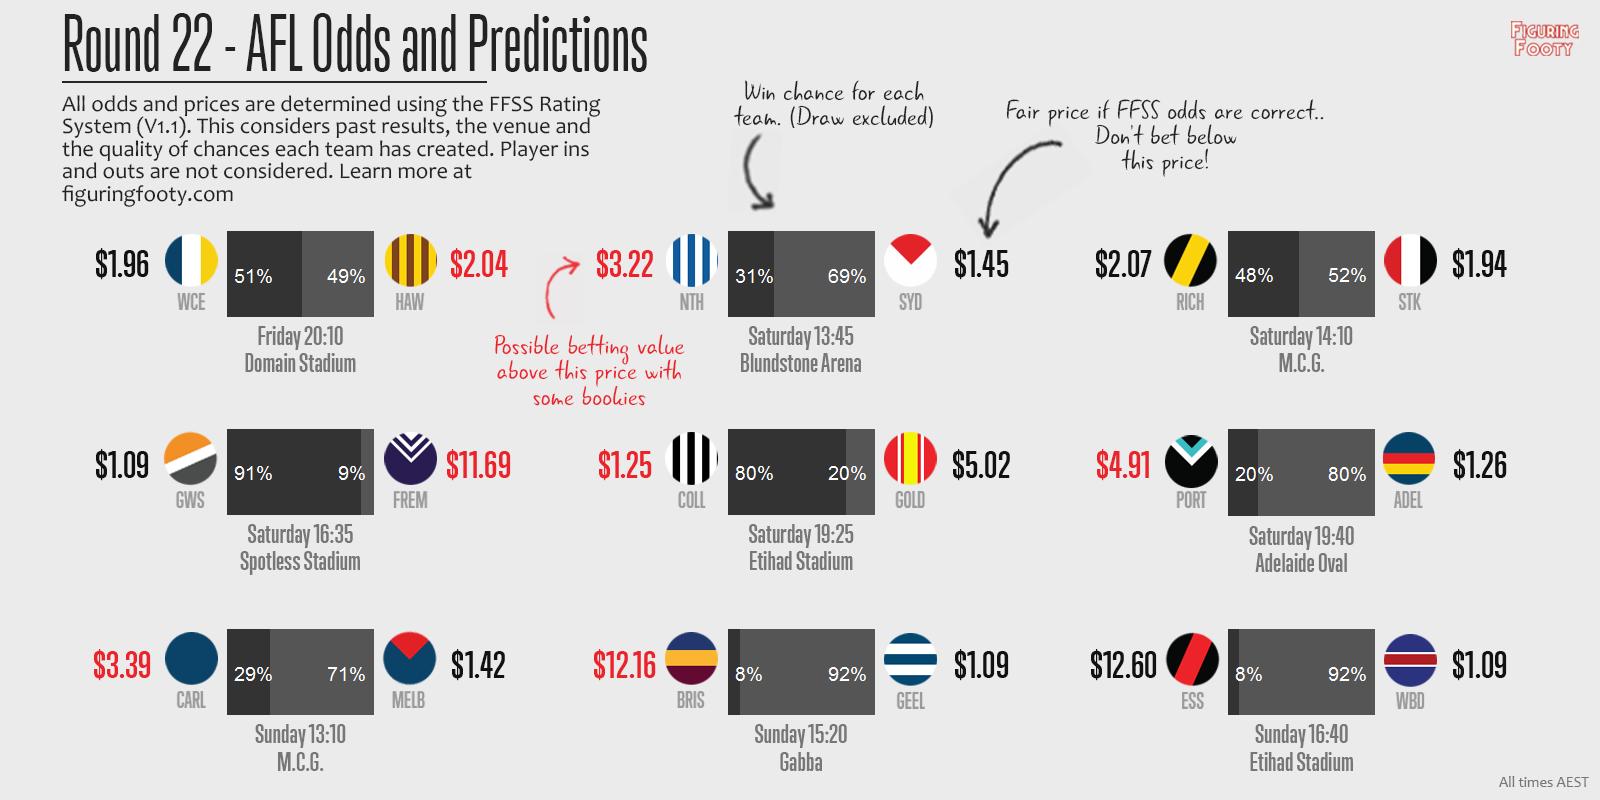 FFSS Round 22 Predictions